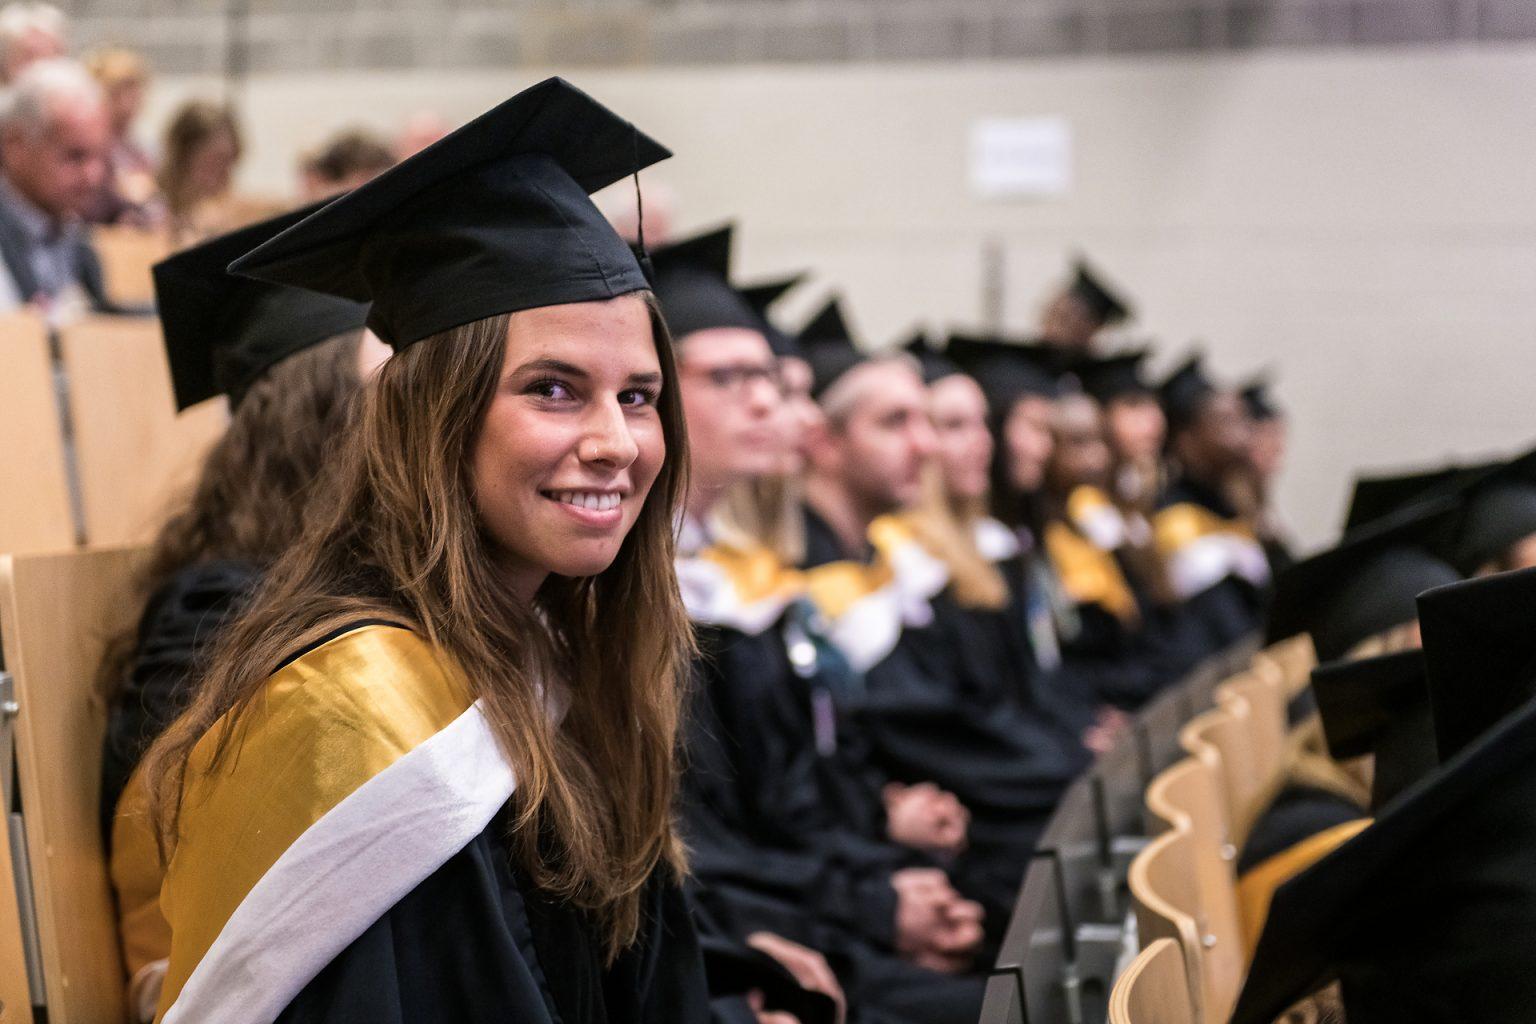 Etudiante promue, Proclamation de la promotion des Facultés de Lettres, traduction et Communication 2018-2019 (ULB), par Aurore Delsoir Photographe corporate